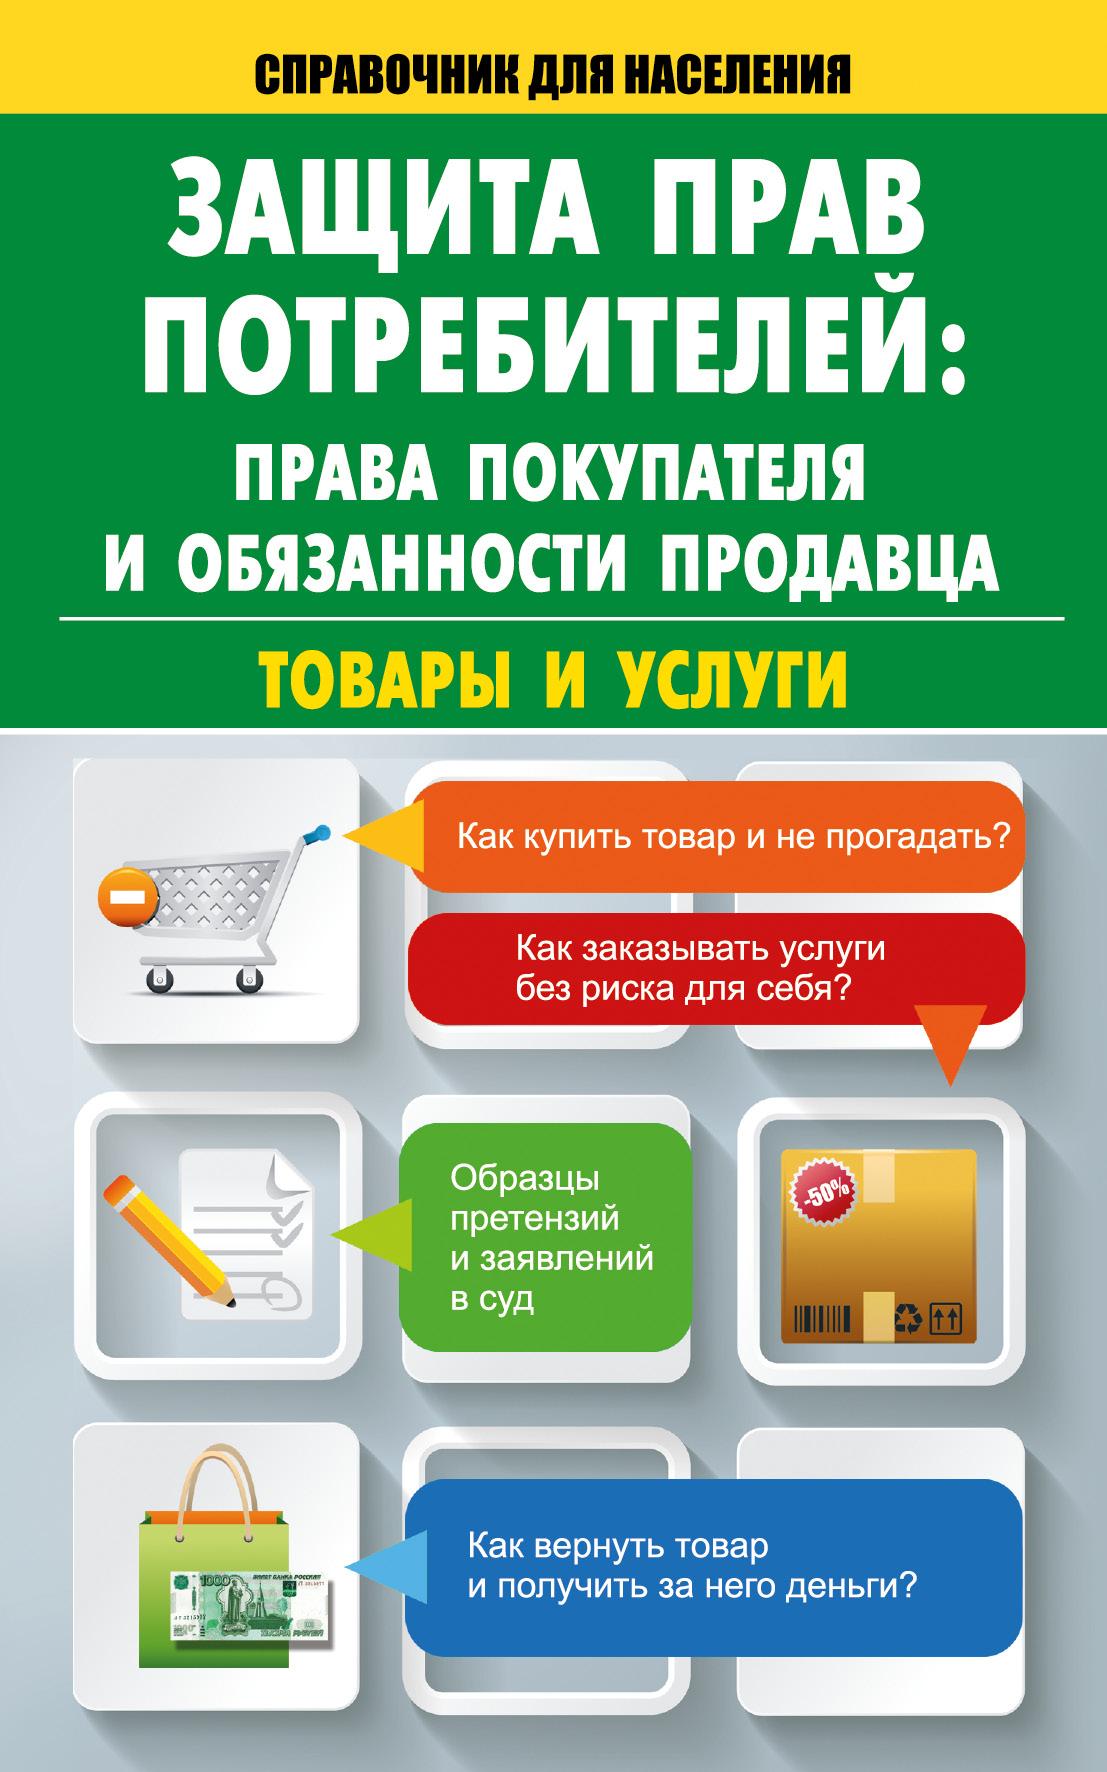 Кузьмина М.В. Защита прав потребителей: права покупателя и обязанности продавца. Товары и услуги как продавцу убедит покупателя товар